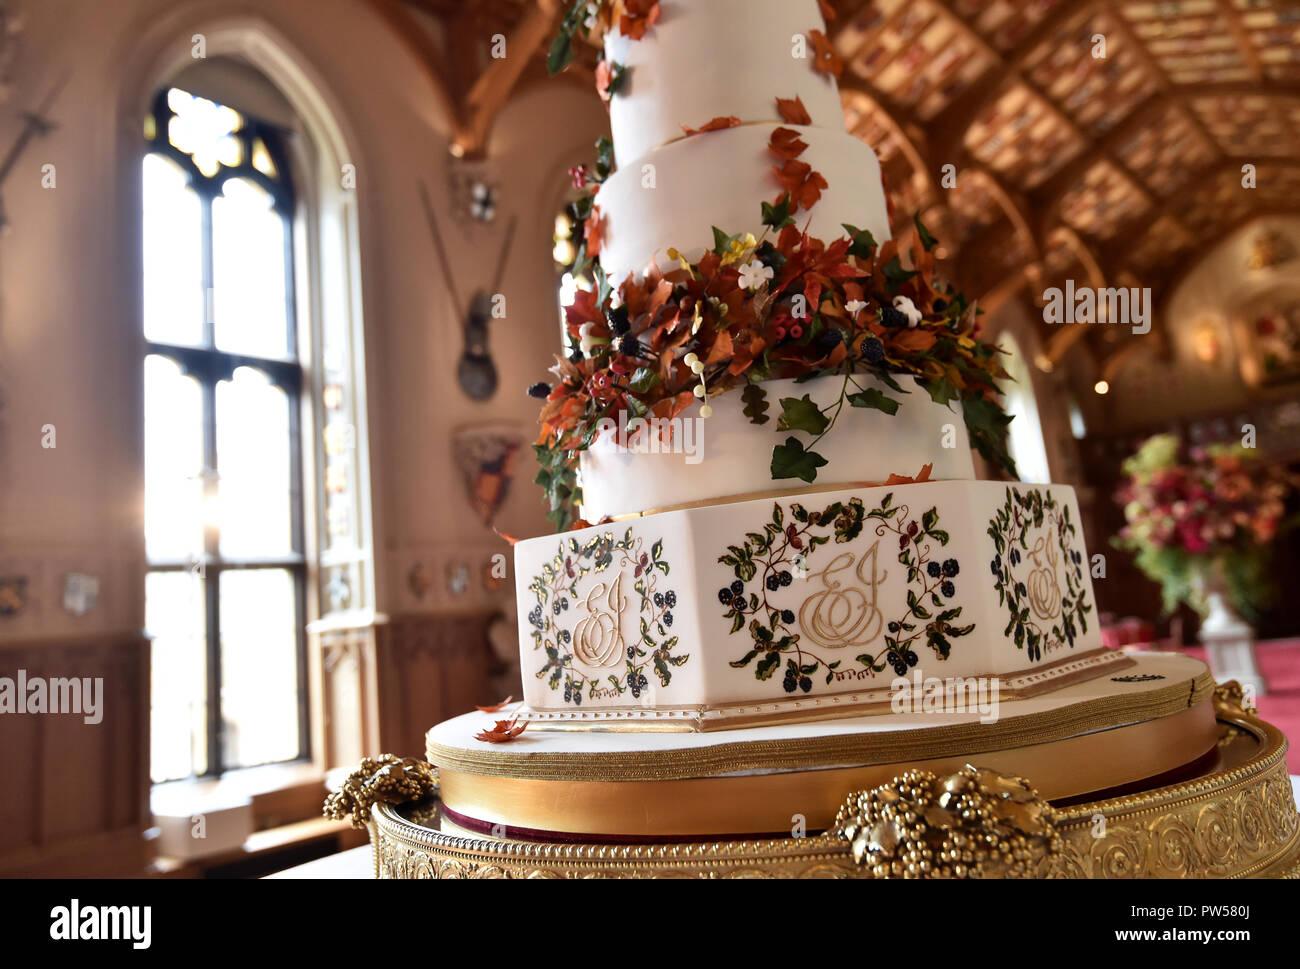 Le Gâteau De Mariage Créé Par Sophie Cabot Pour Le Mariage